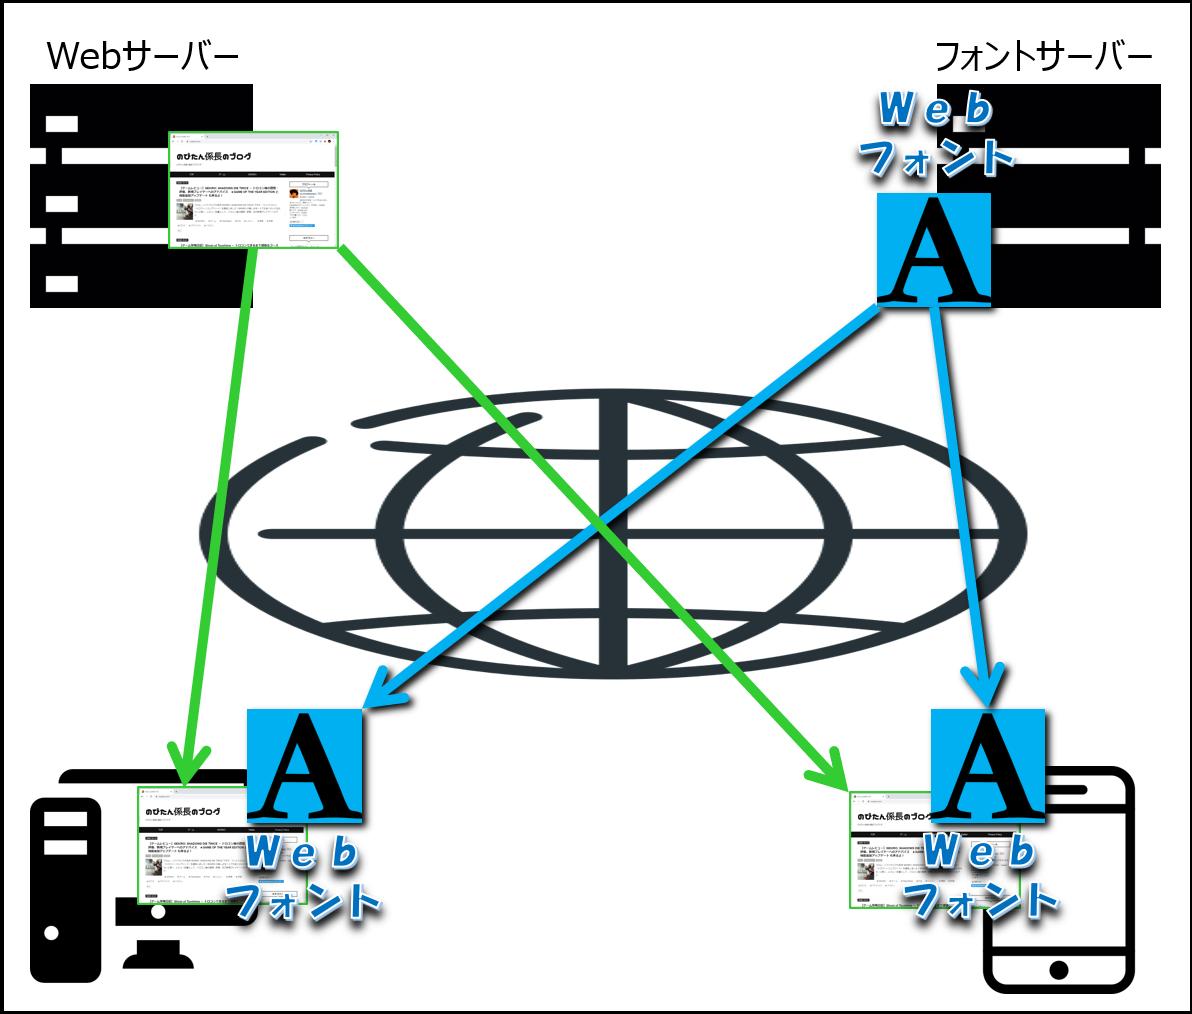 Webフォントの仕組み